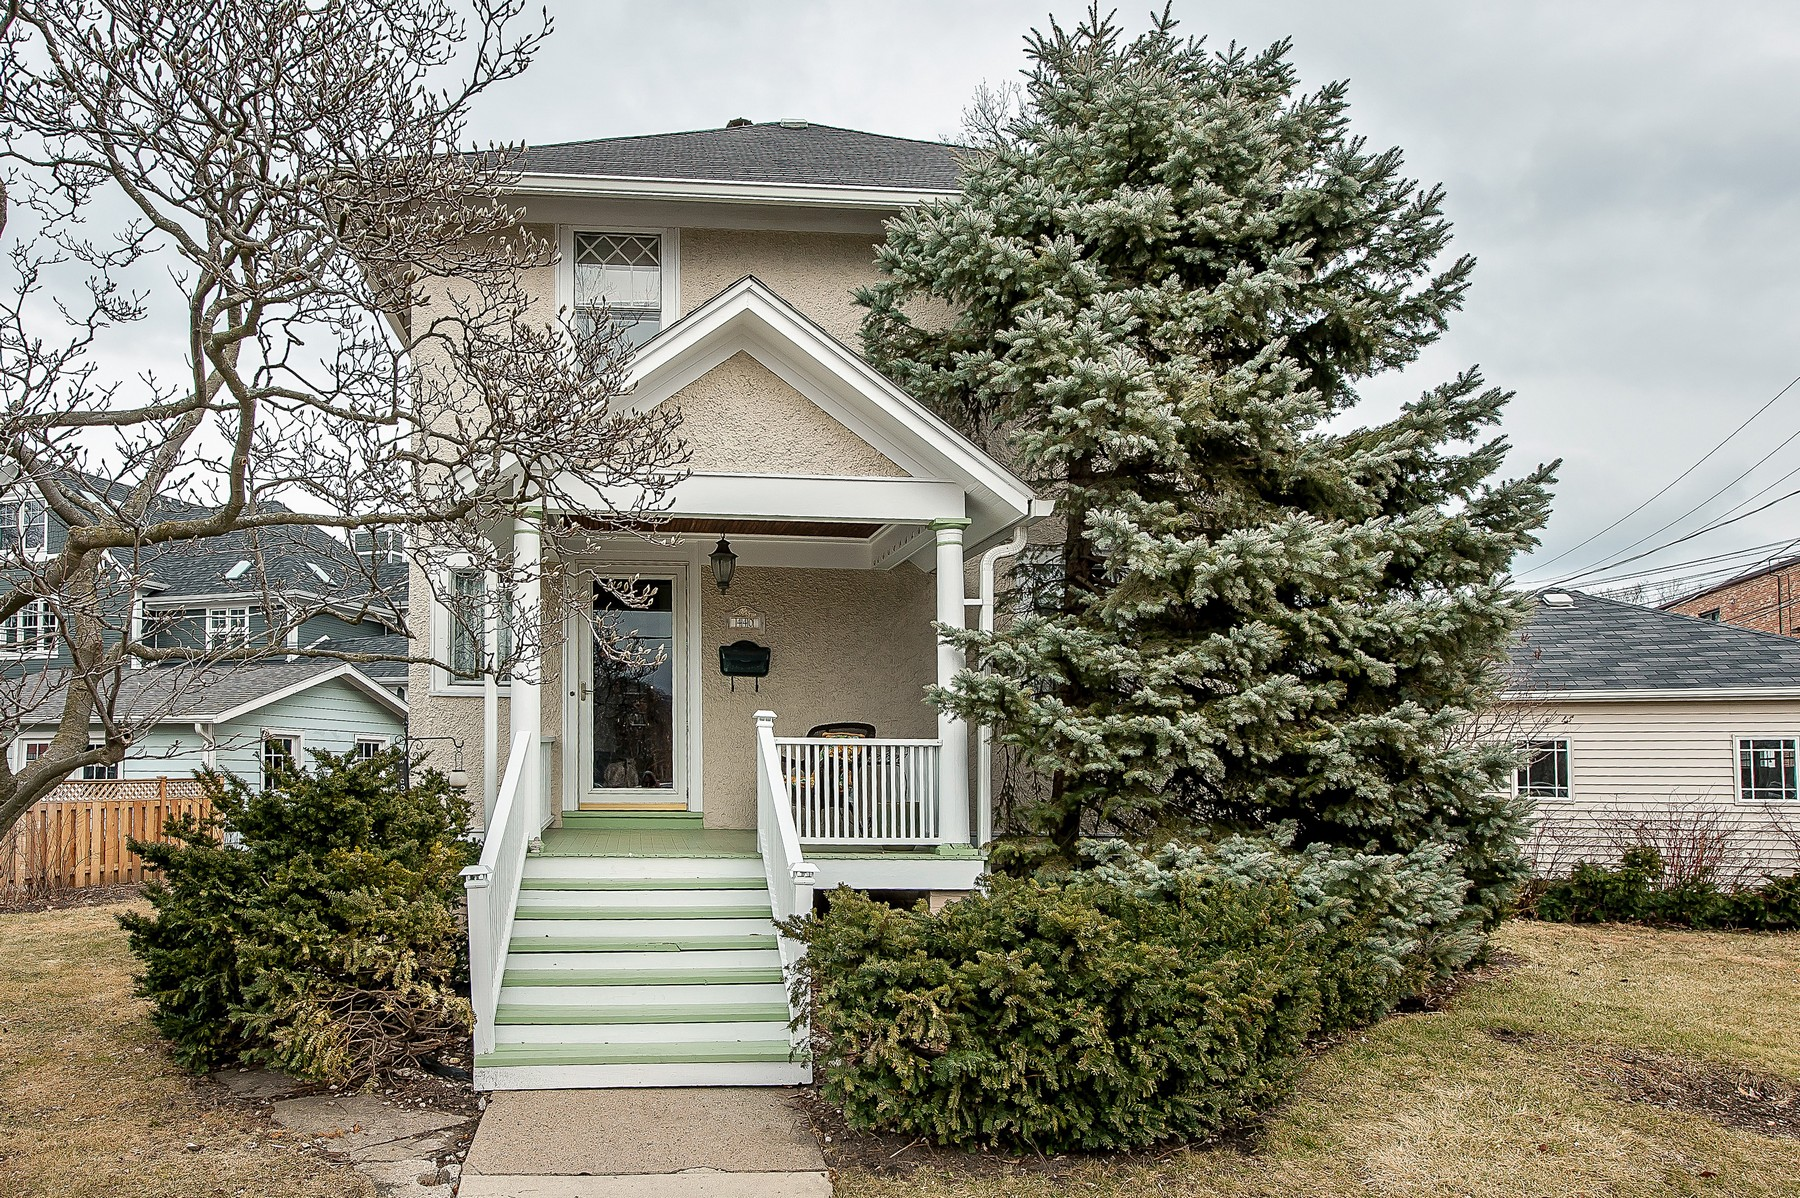 独户住宅 为 销售 在 Charming East Wilmette Home 440 Poplar Drive 威尔梅特, 伊利诺斯州, 60091 美国